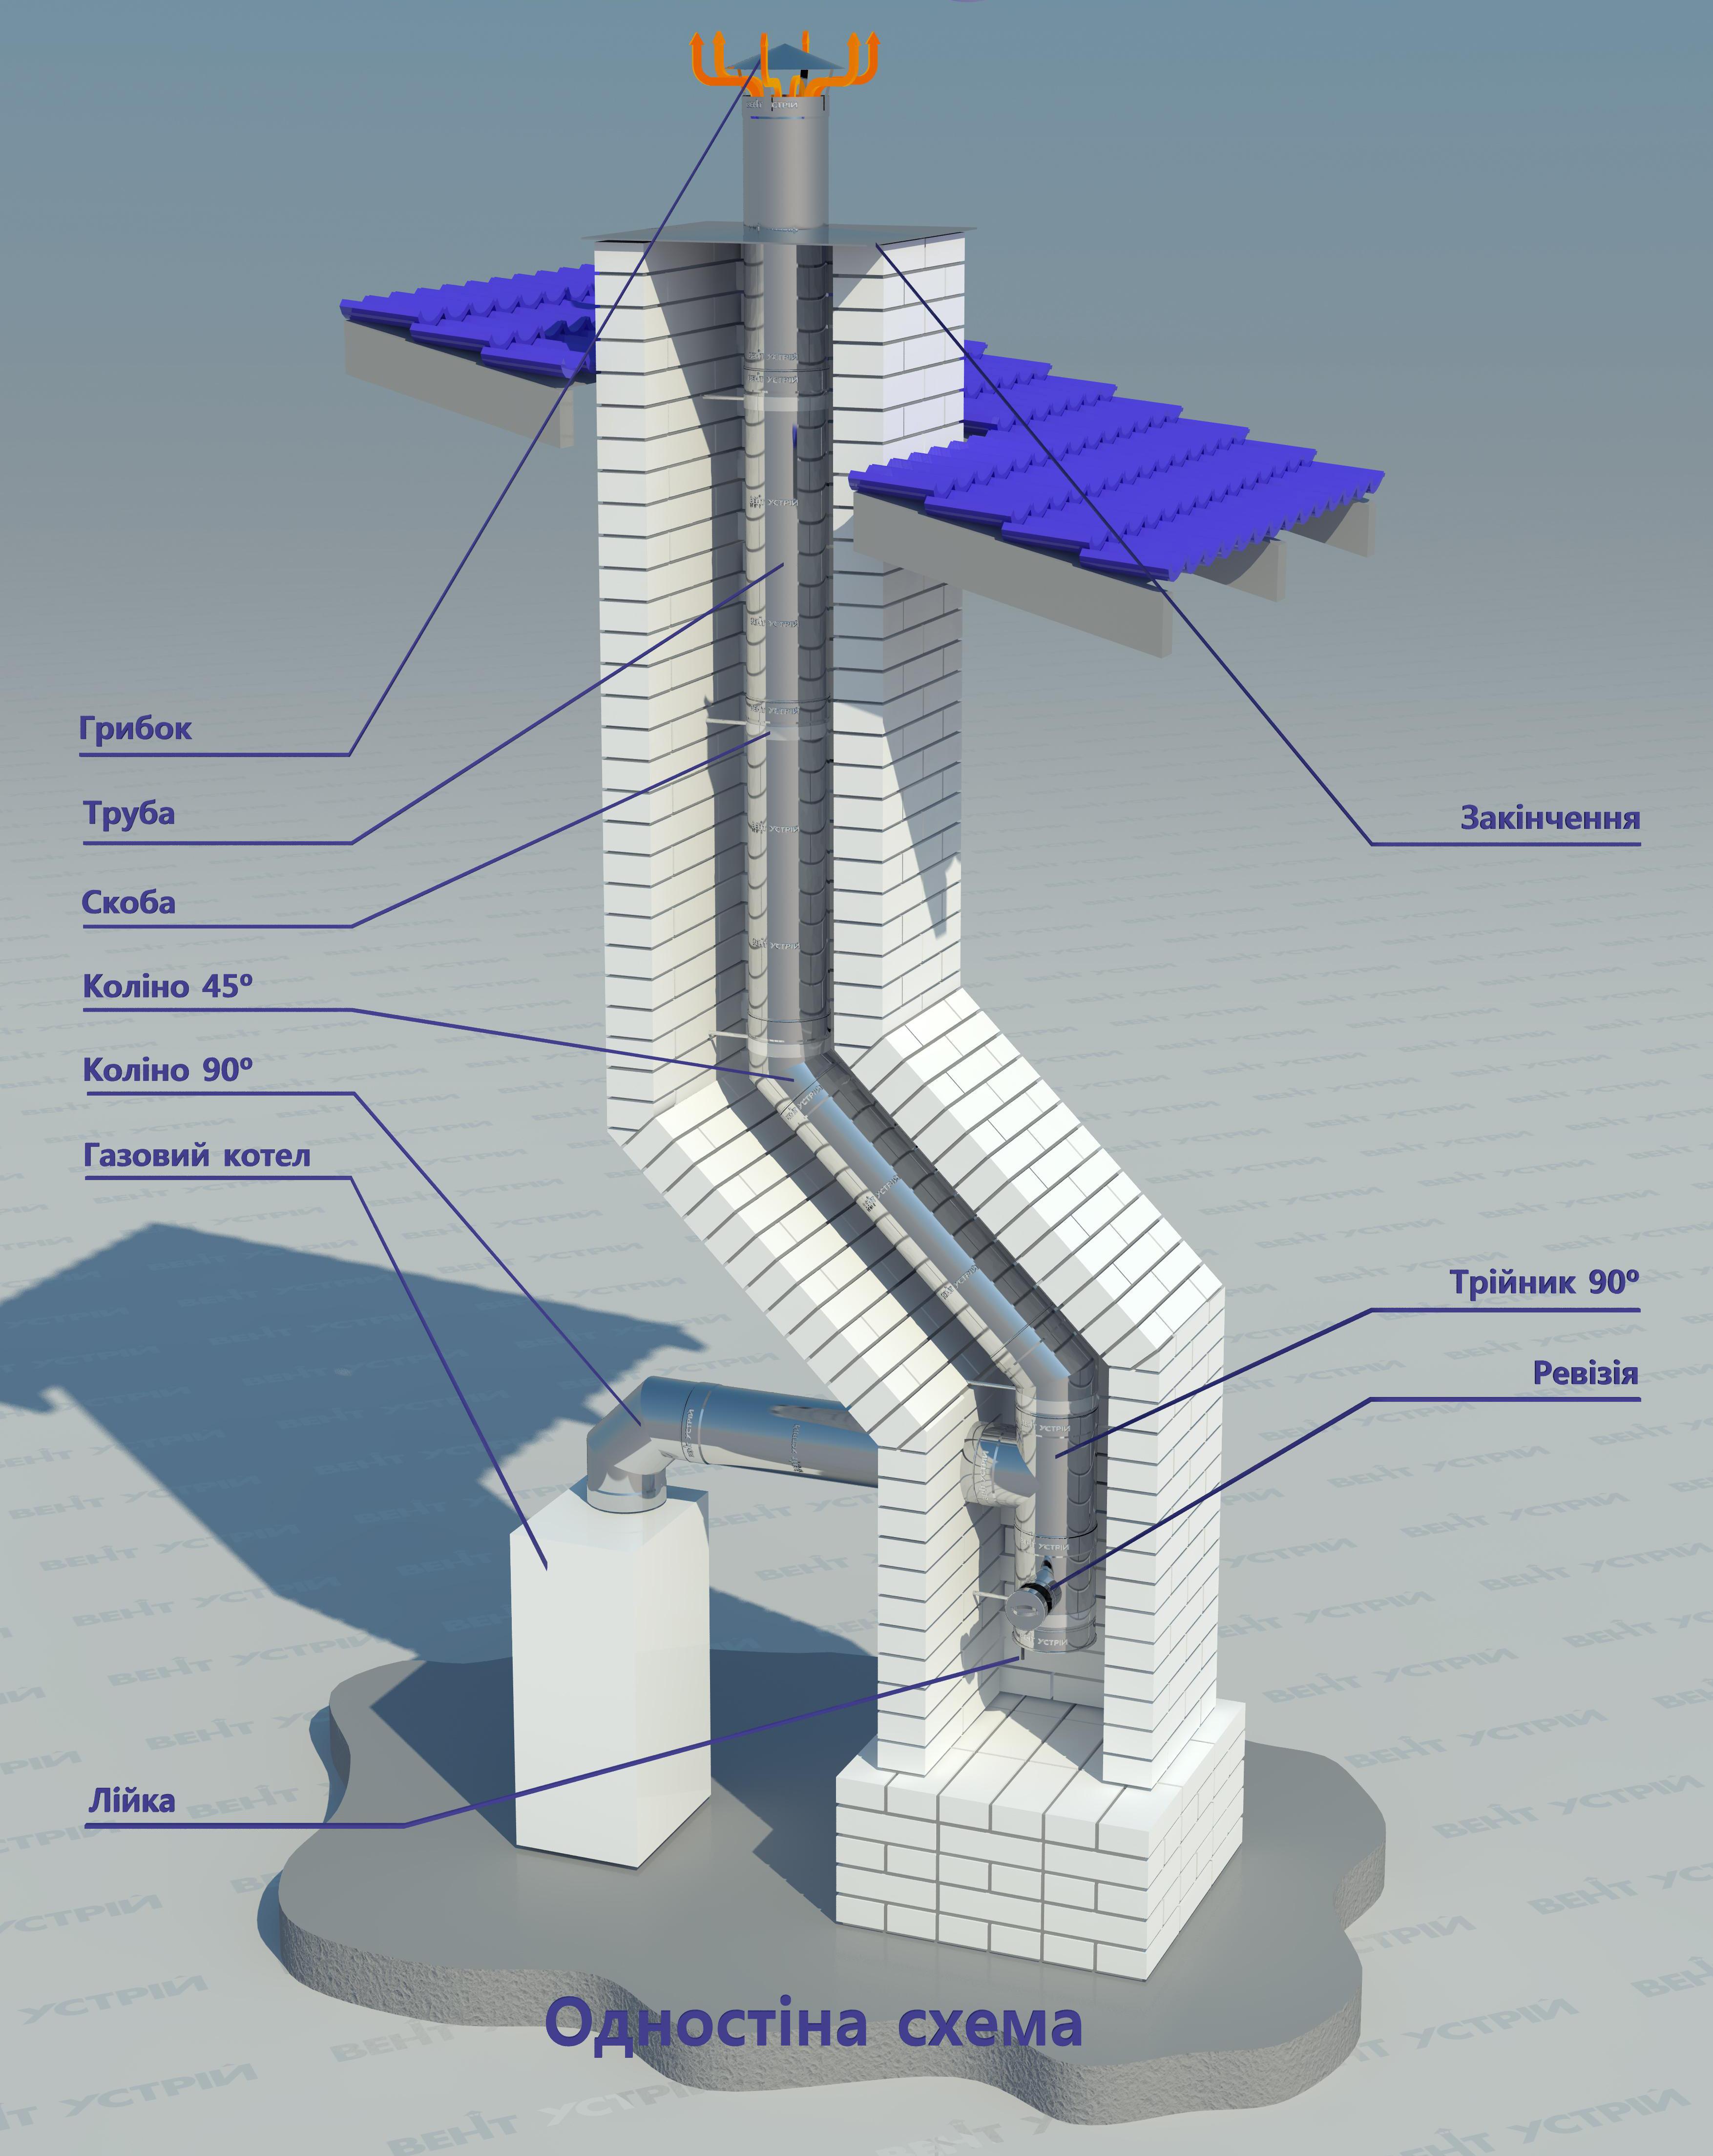 Схема одностенного дымохода